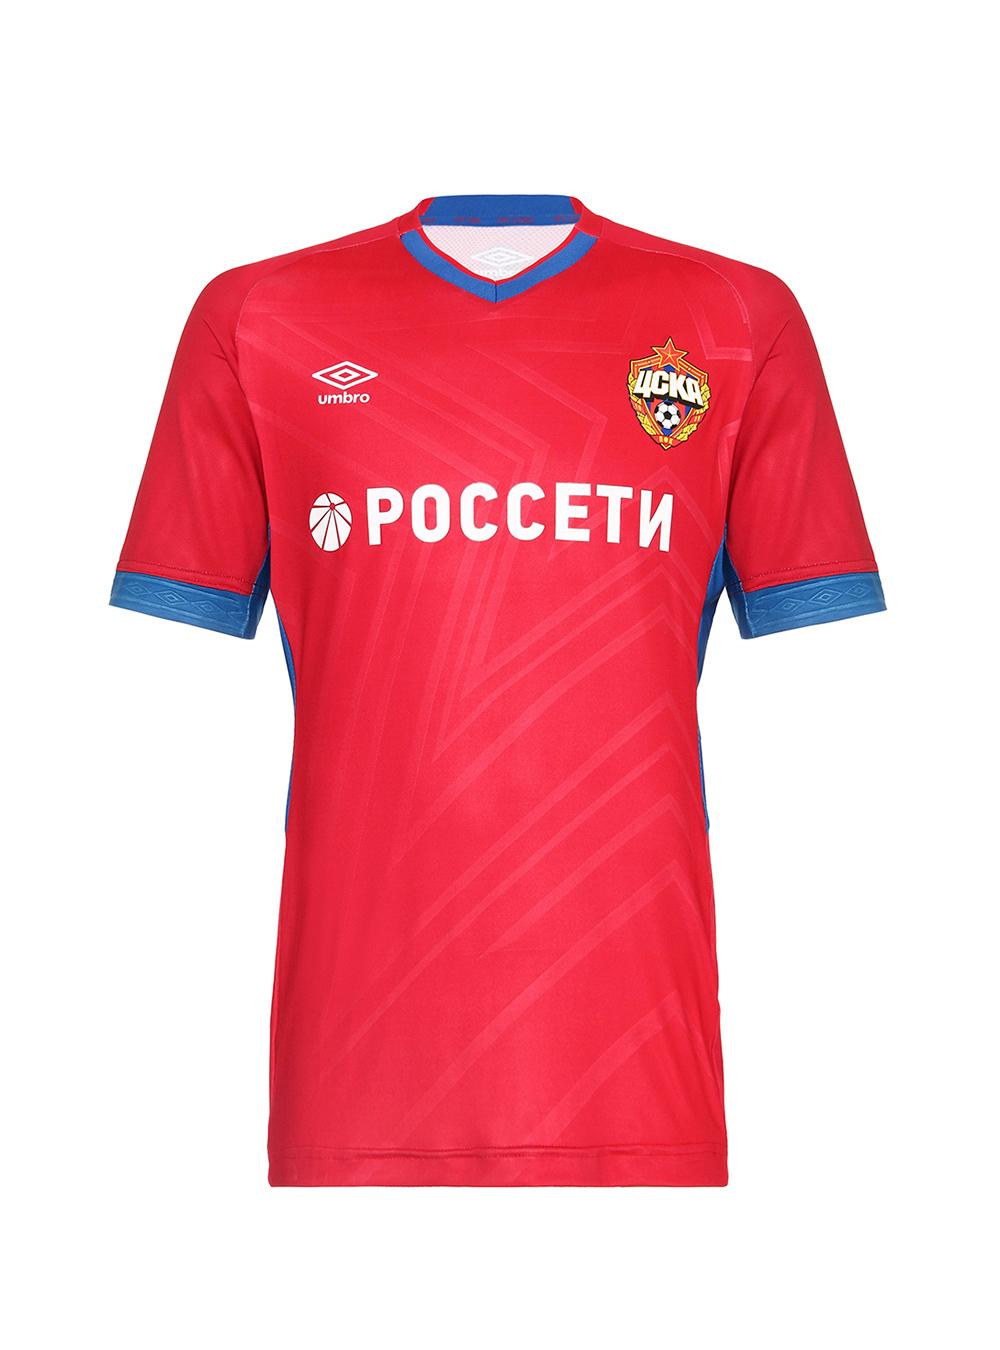 Купить Футболка игровая домашняя 2019/2020 (XXL) по Нижнему Новгороду